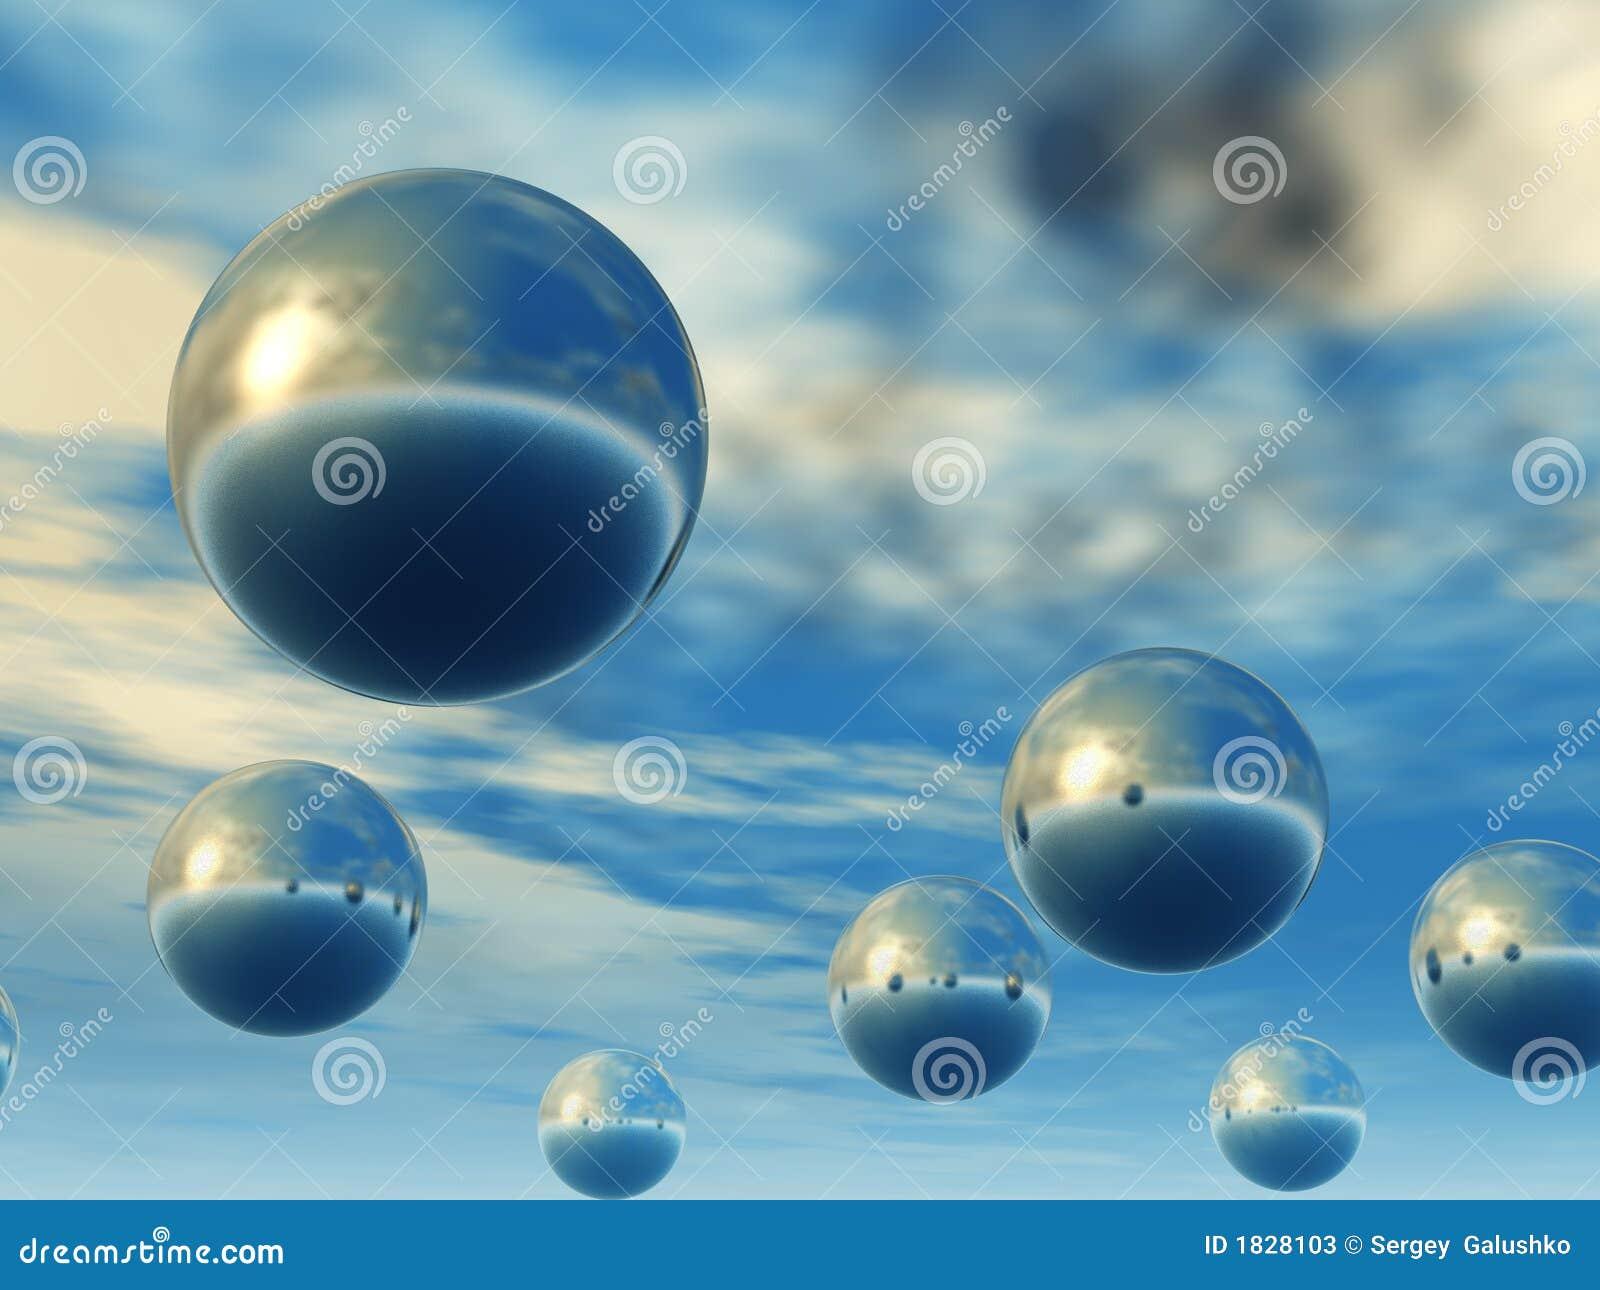 Spheres 3d